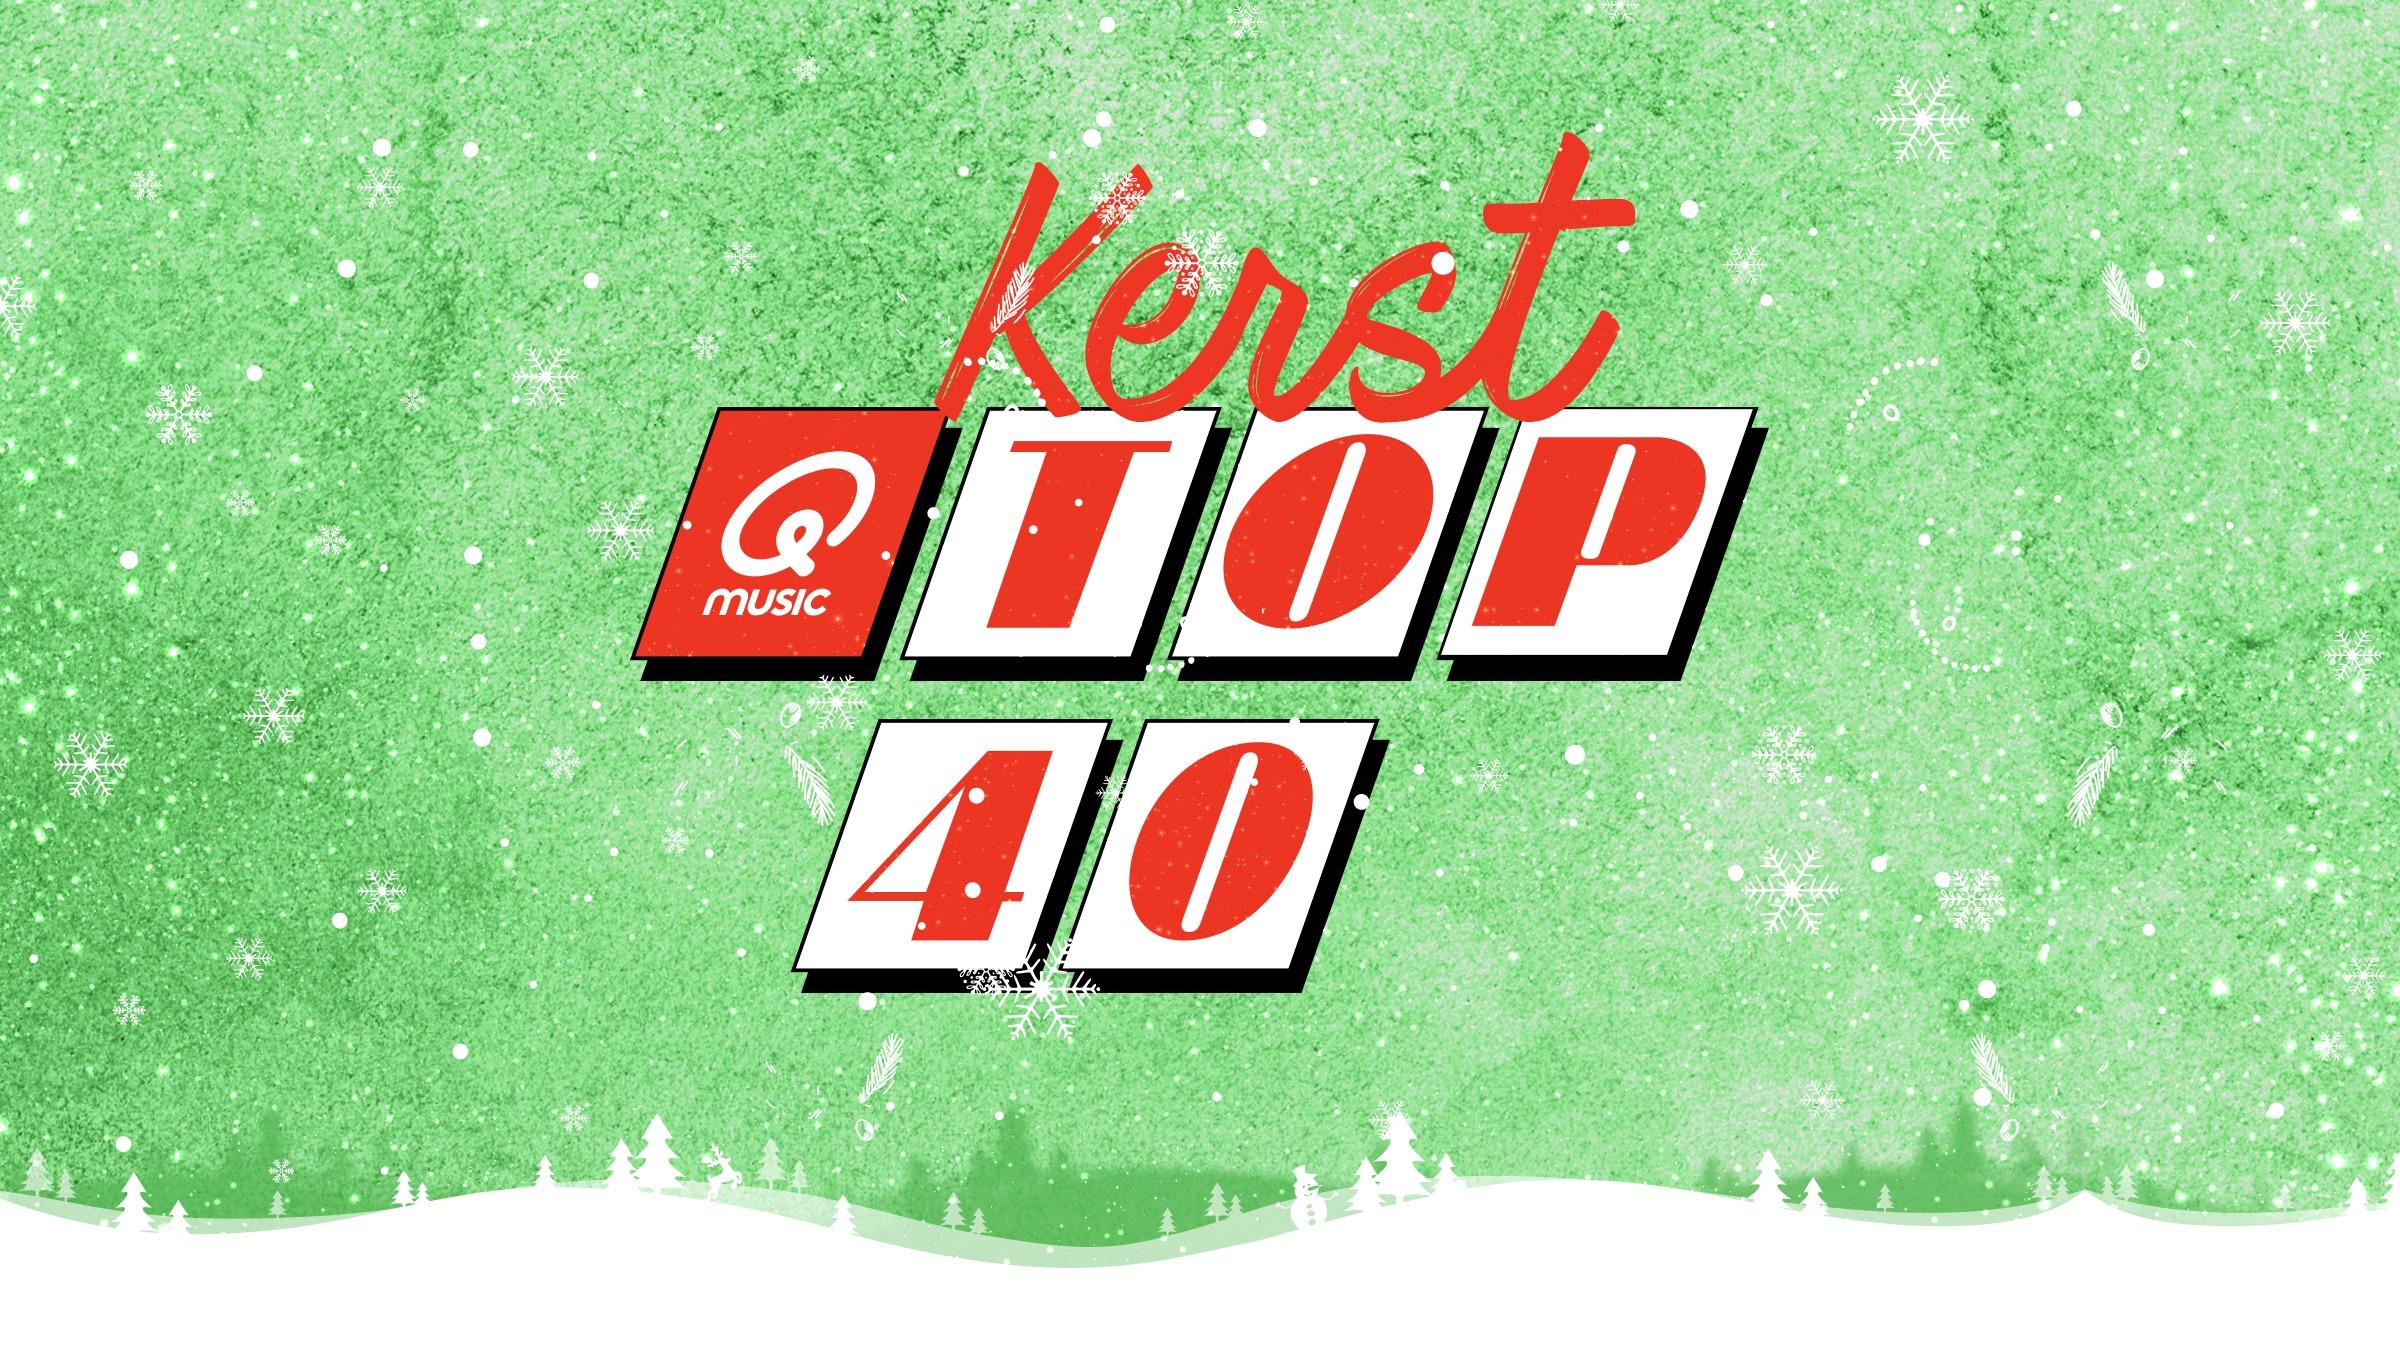 Qmusic teaser qtop40 kerst